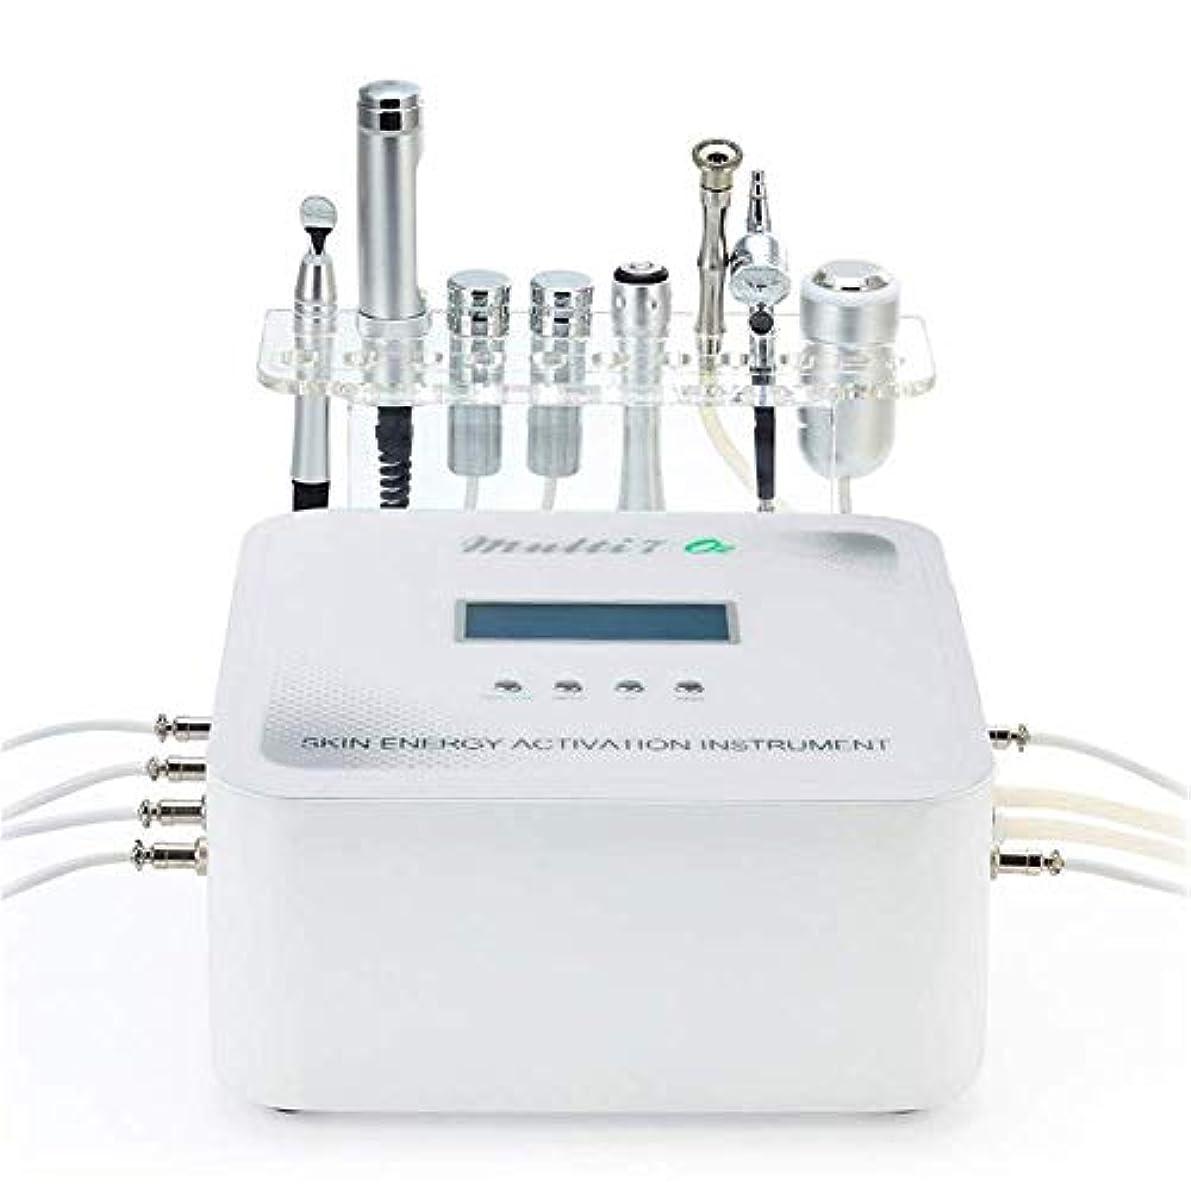 期限良心オーケストラ微小電流スキン締め機1つのRF皮膚の顔のマシン8